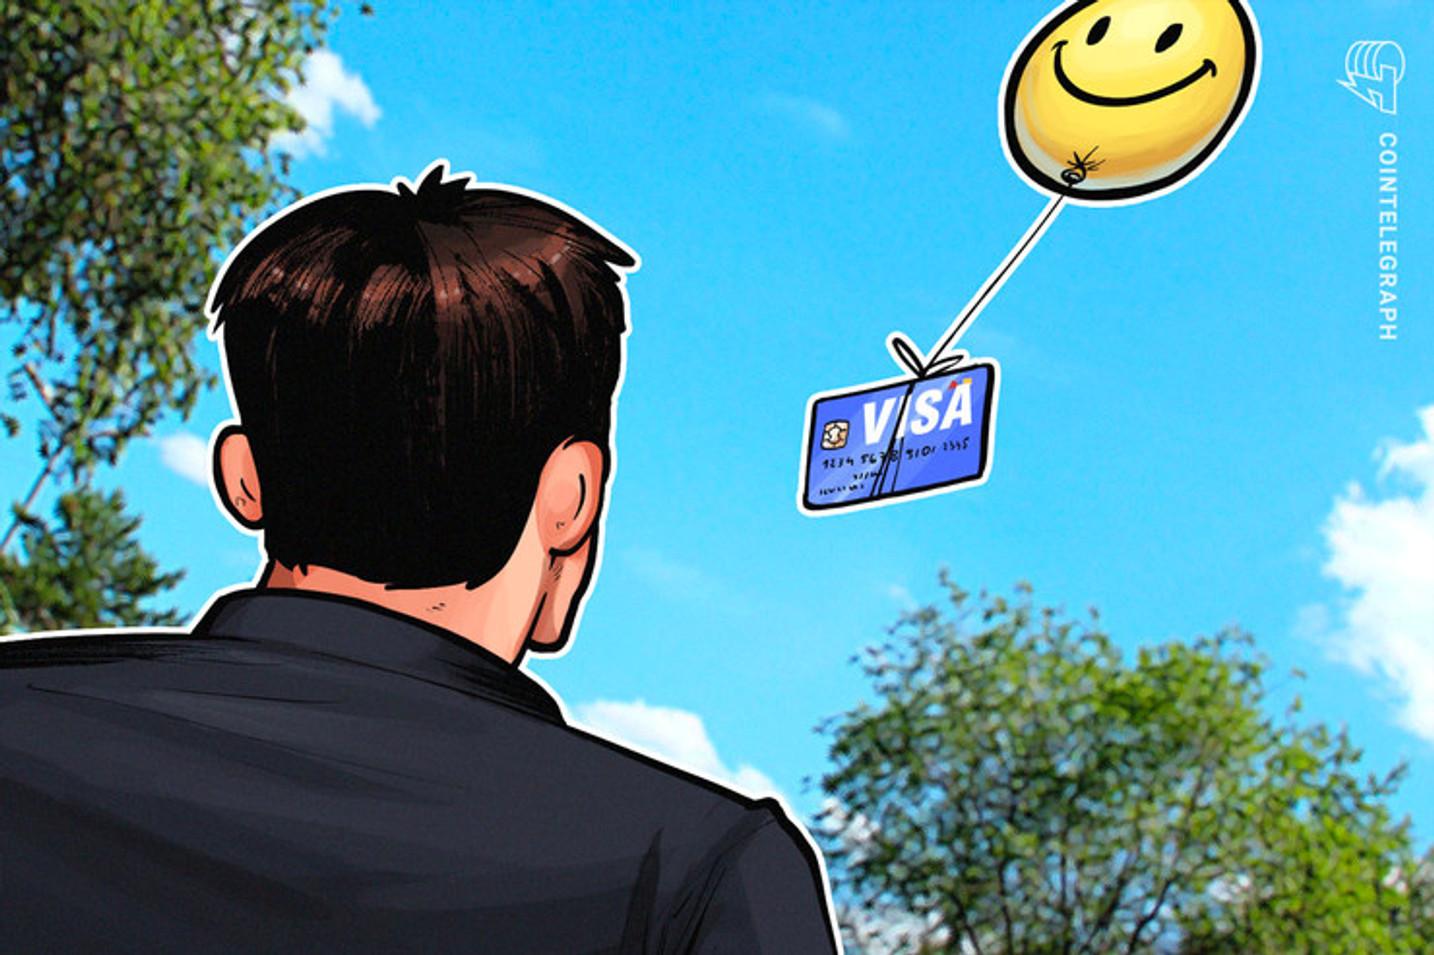 NovoPayment y Visa lanzan emisión instantánea de cuentas virtuales y desembolsos para Latinoamérica